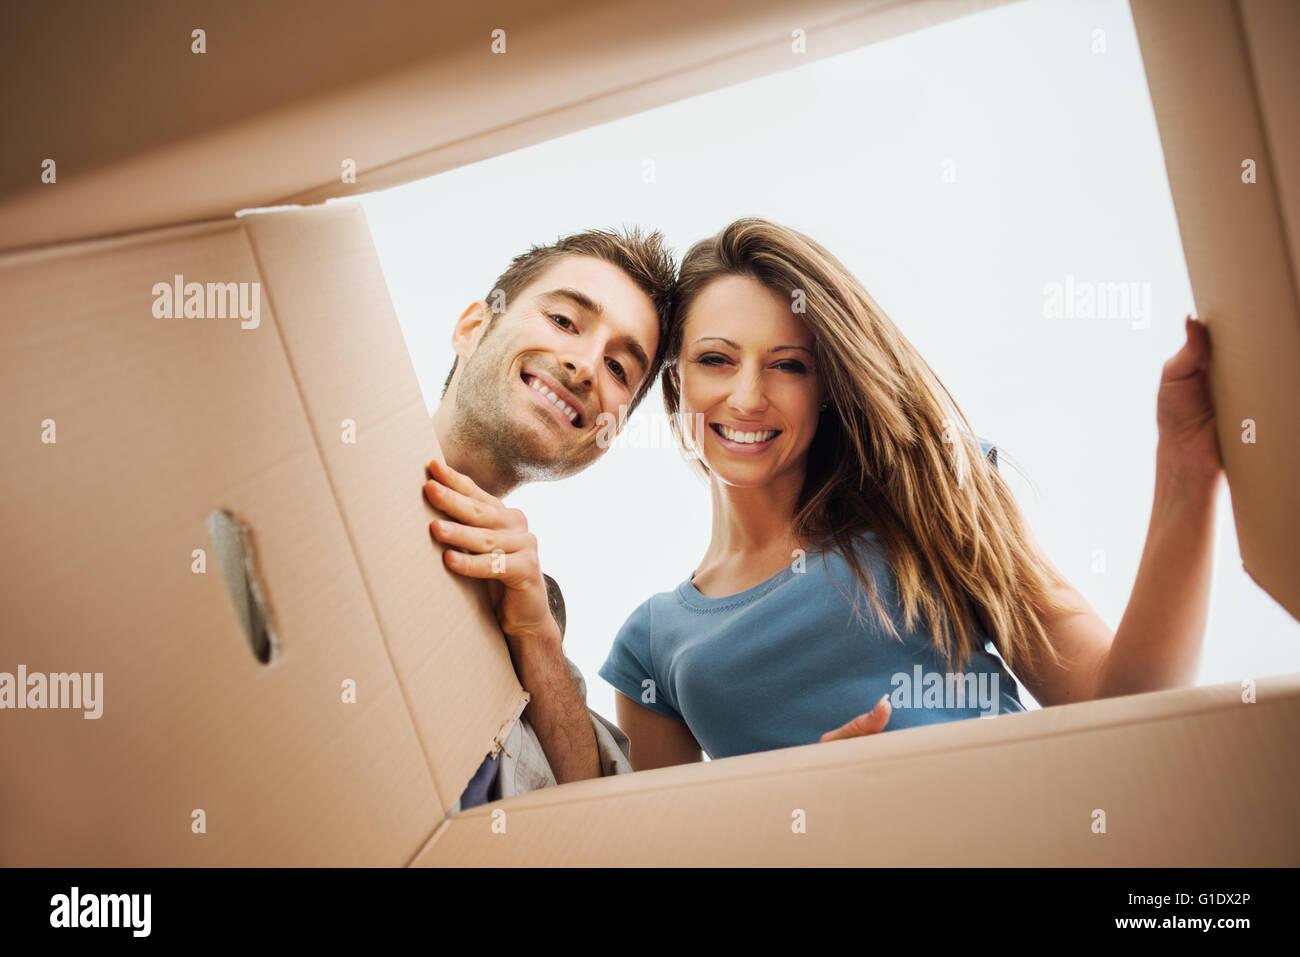 Lächelnde junge Paar einen Karton öffnen und auf der Suche nach innen, Umzug und Auspacken Konzept Stockbild